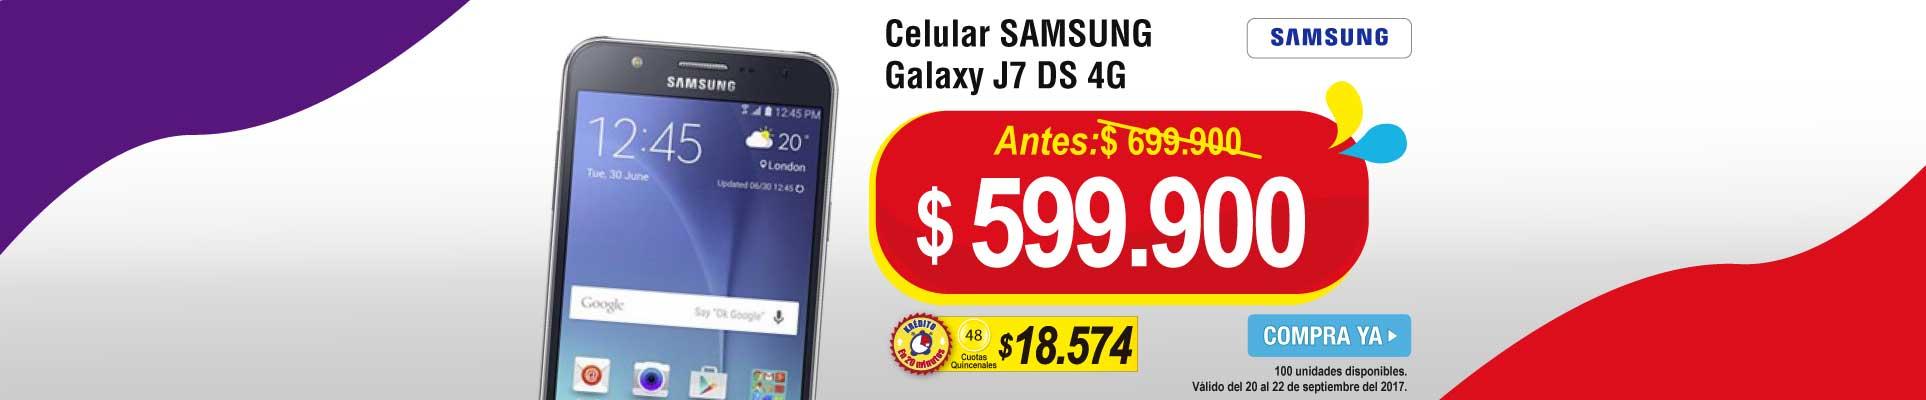 PPAL ALKP-6-celulares-Celular SAMSUNG Galaxy J7 DS 4G-prod-septiembre20-22